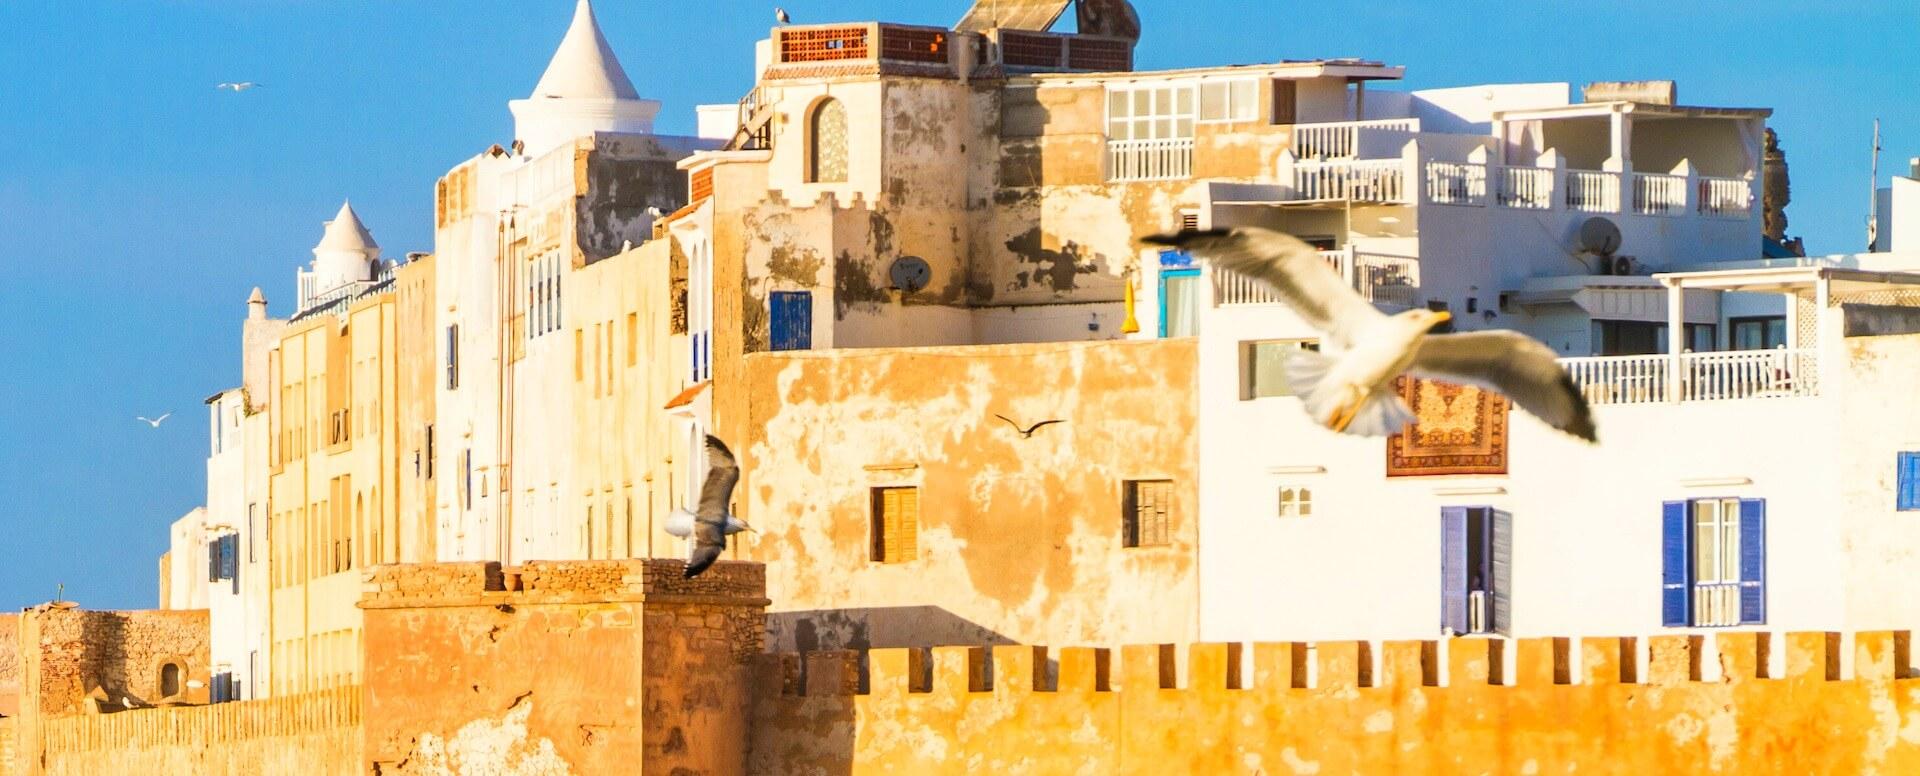 10. Comme si vous tourniez dans Games of Thrones - Essaouira